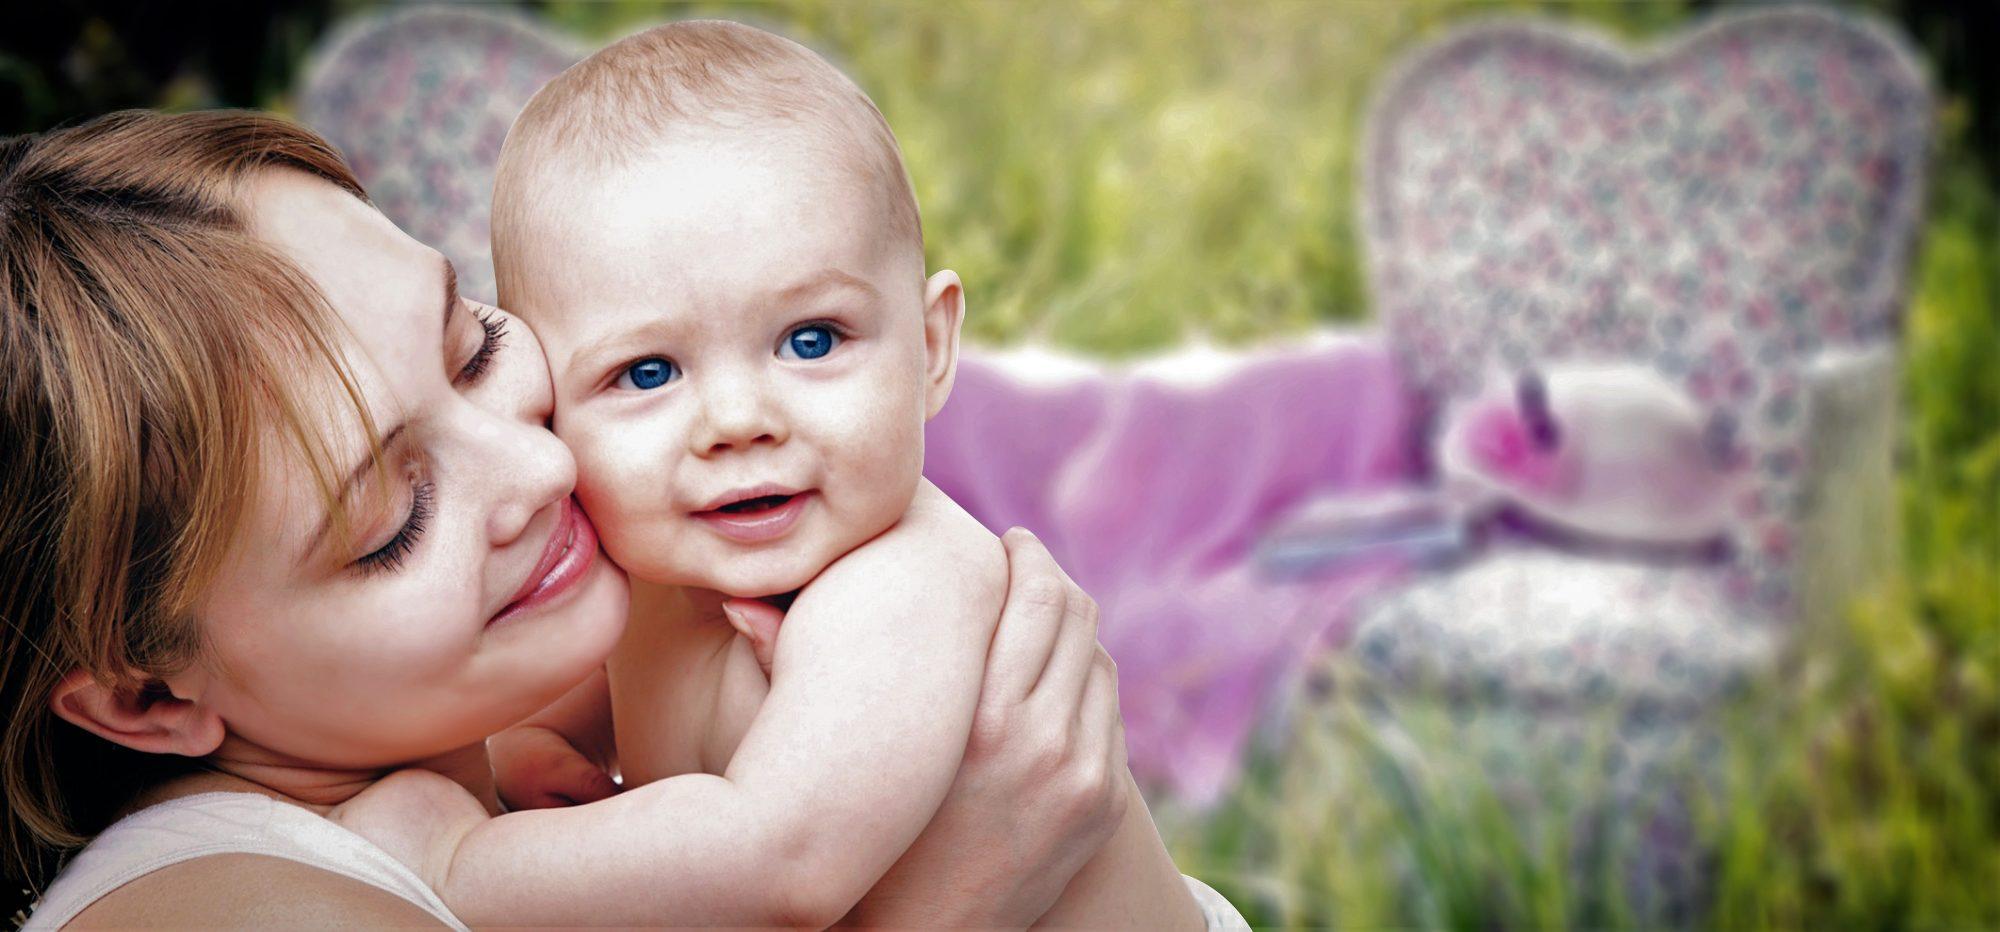 Достатъчно добрата майка- статия на детския психолог Михаил Михайлов